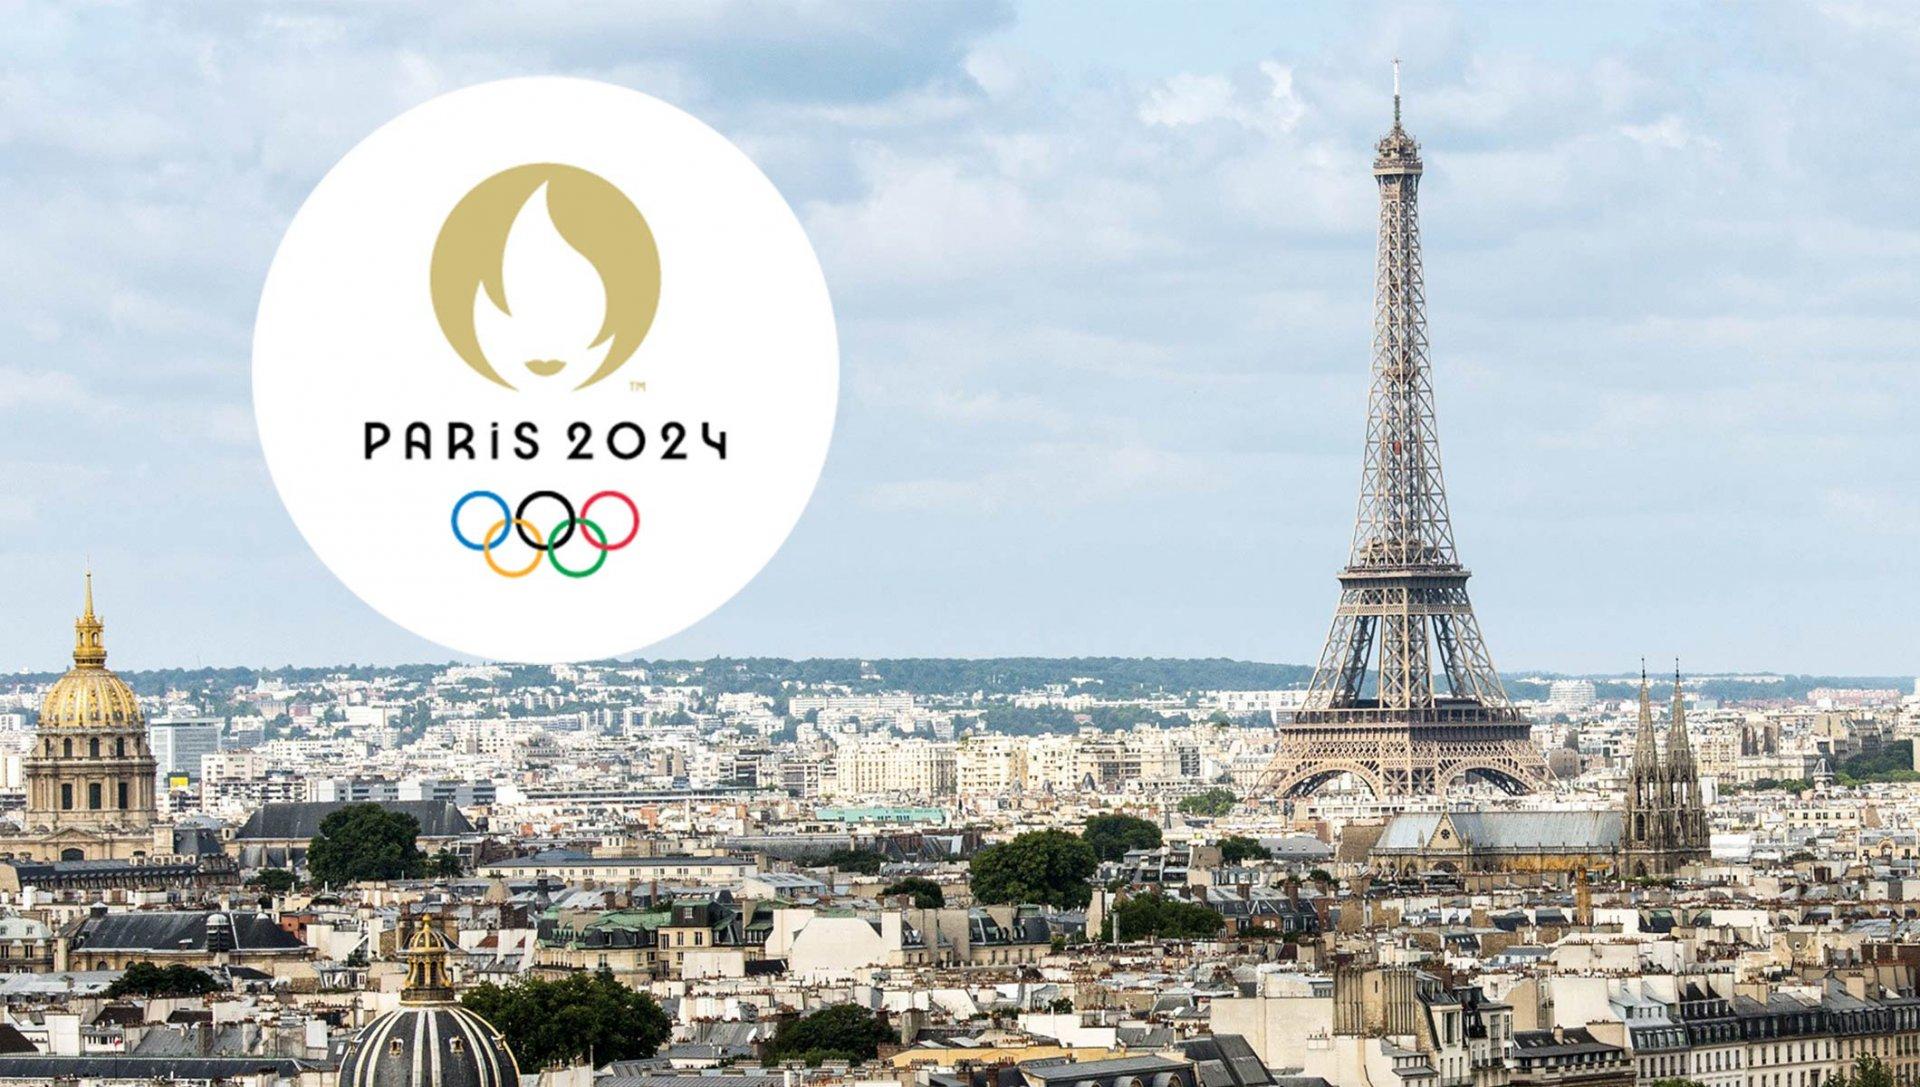 """""""Парис 2024"""" олимпийн логог танилцууллаа"""